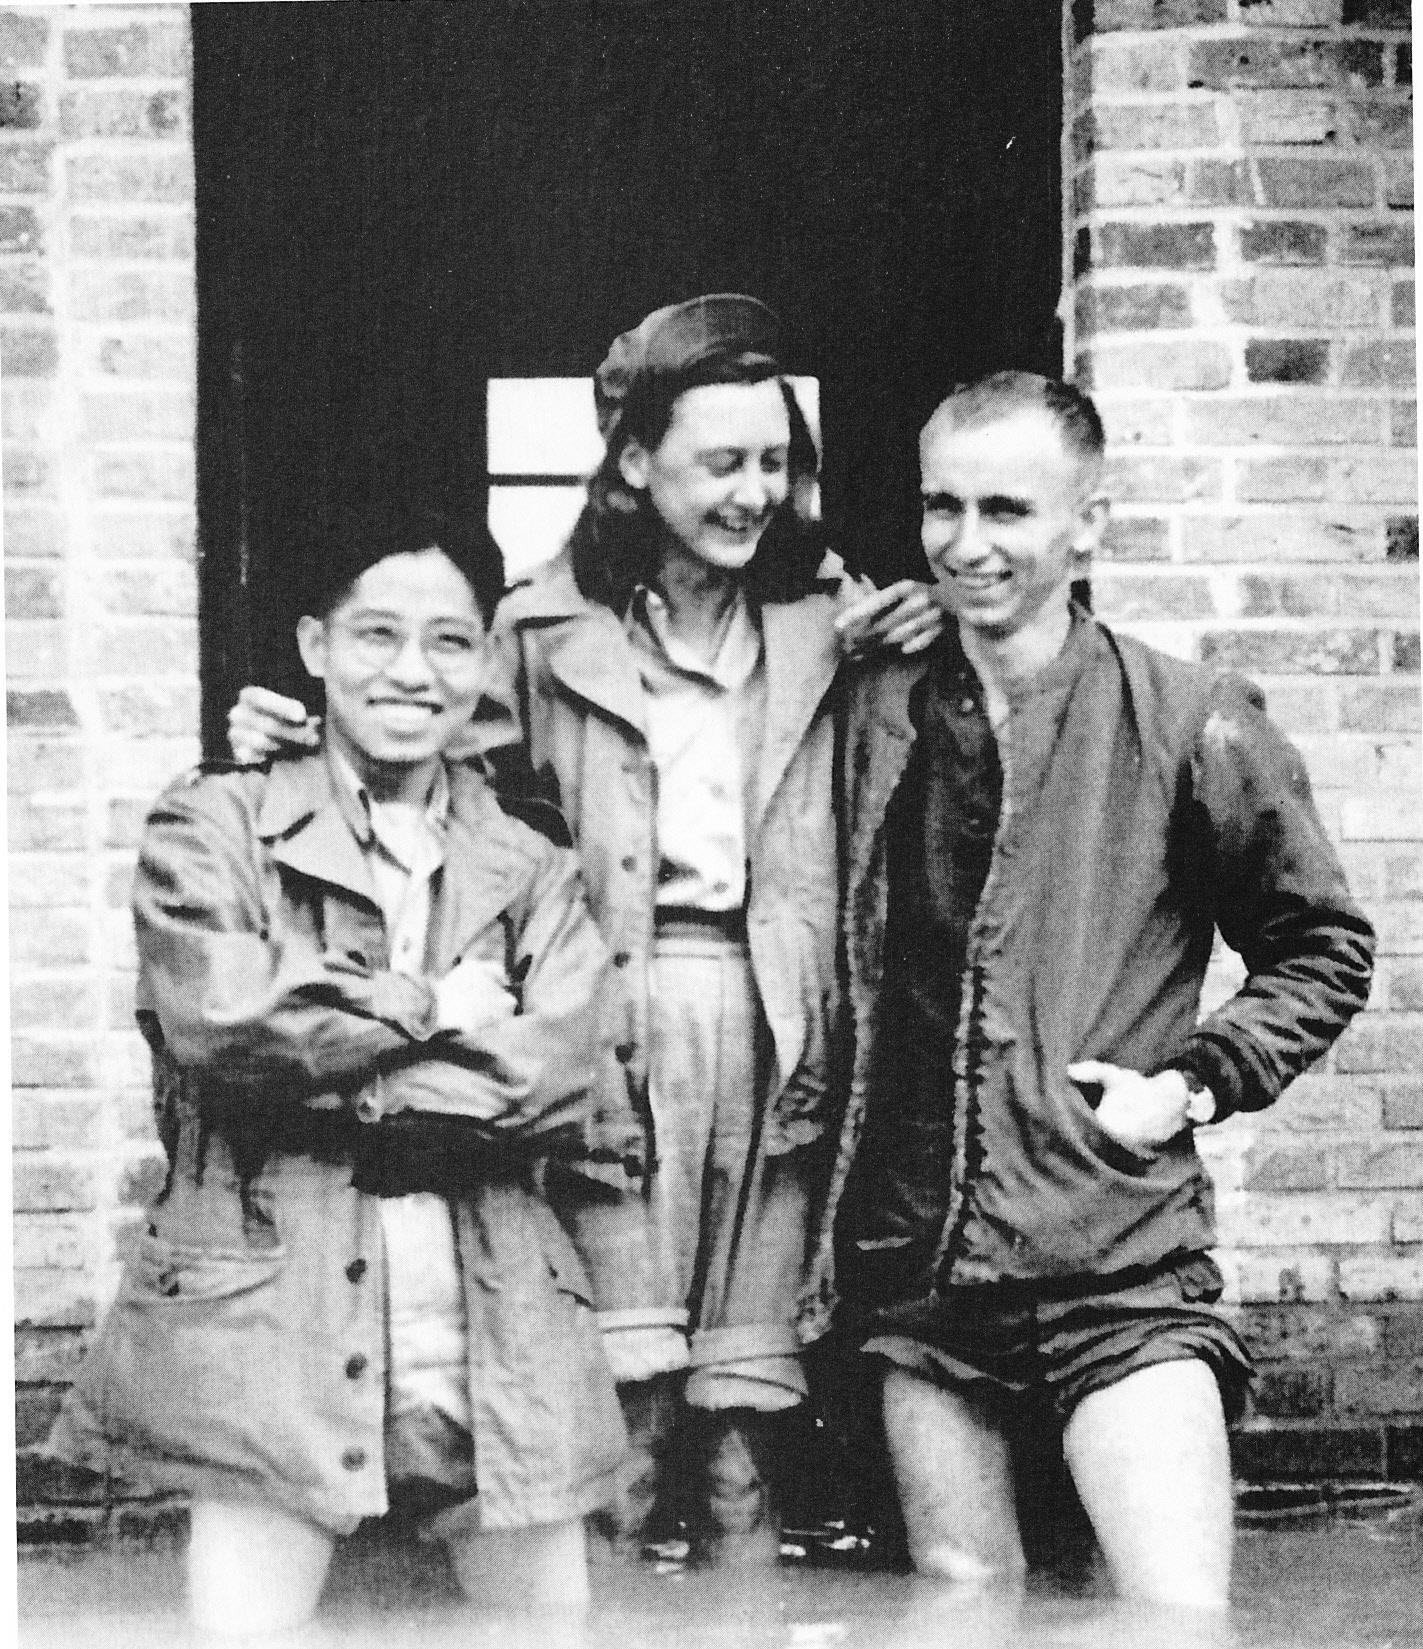 Elizabeth Peet McIntosh in China during World War II, courtesy of Elizabeth P. McIntosh and Linda McCarthy.